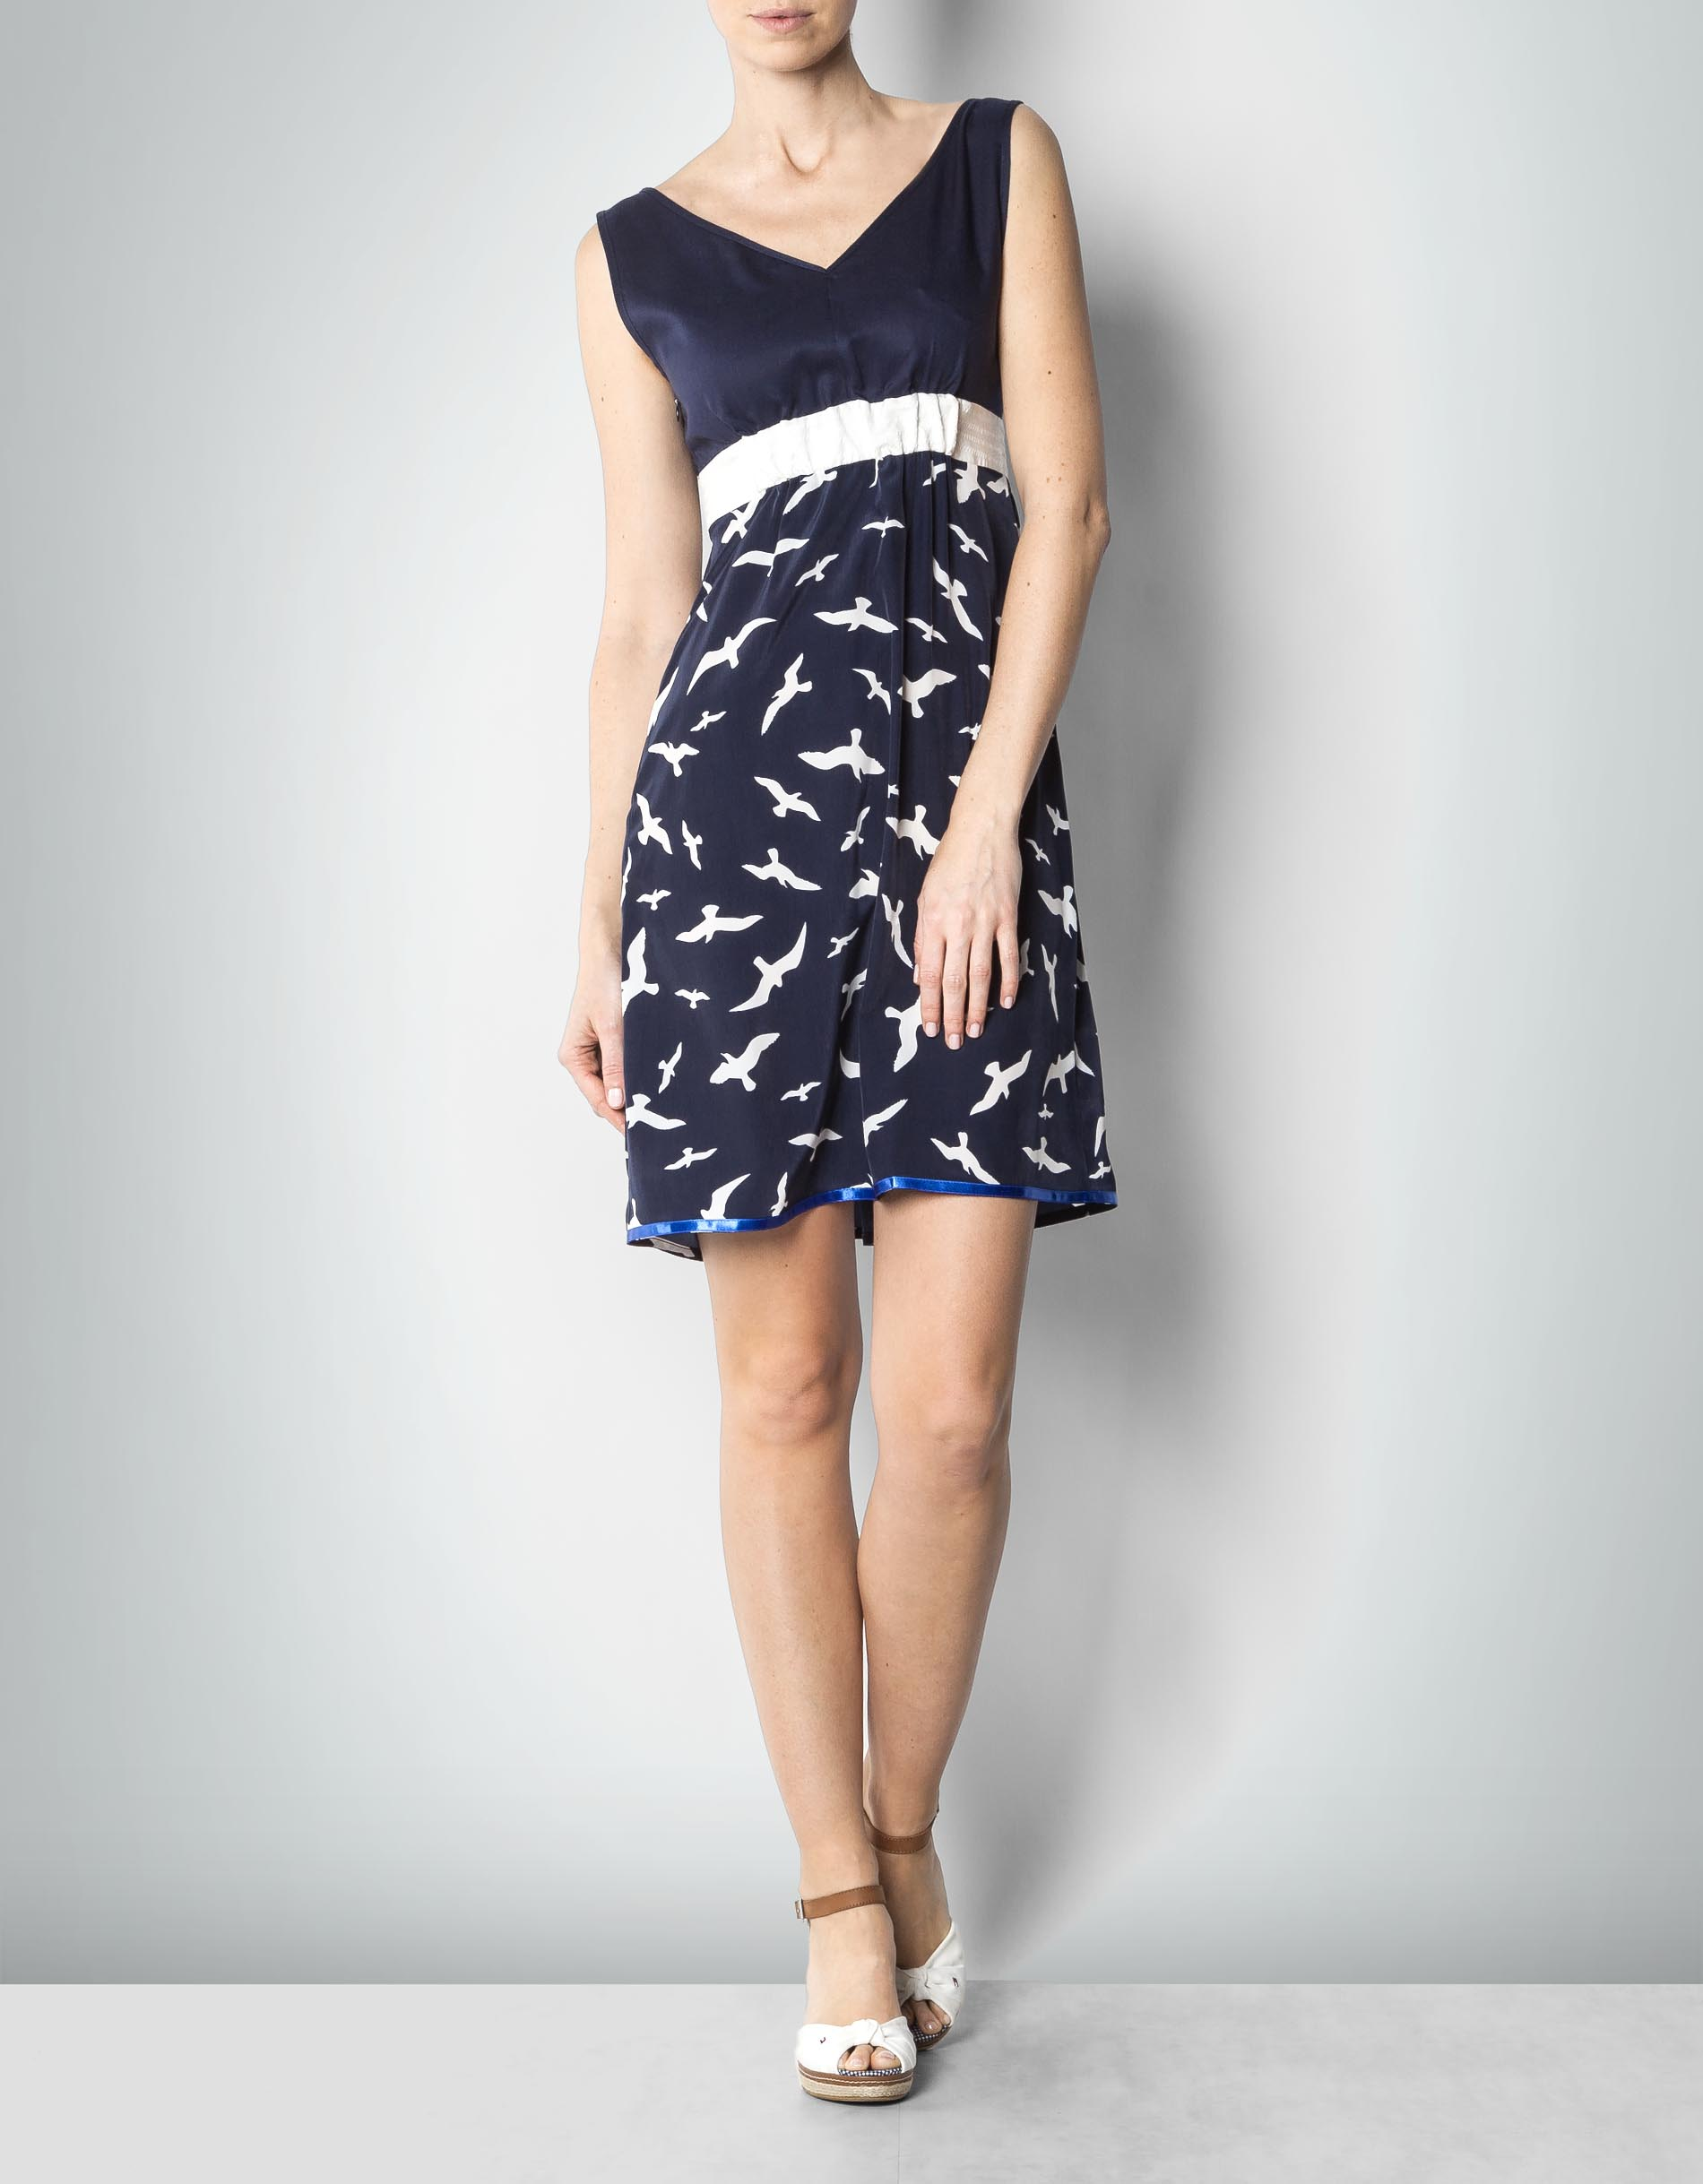 tommy hilfiger damen kleid mit vogel print empfohlen von